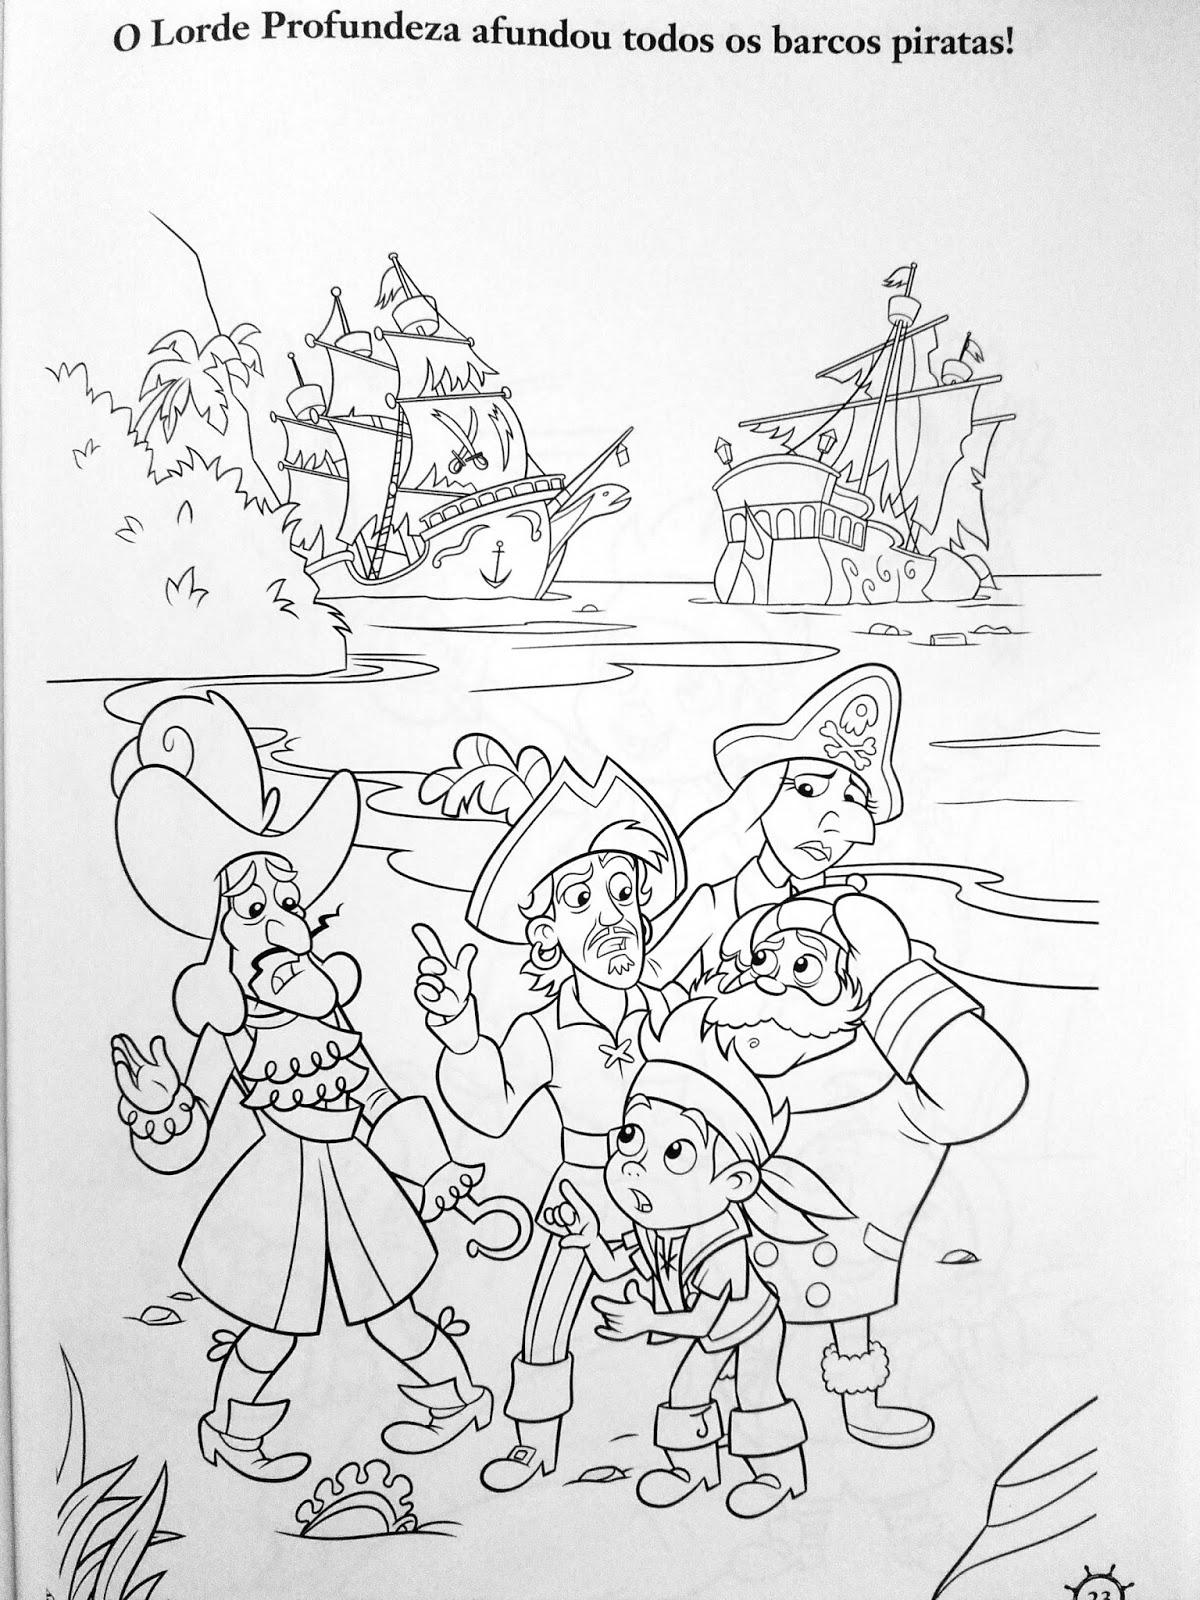 aprende brincando 7 desenhos para colorir o jake e os piratas na